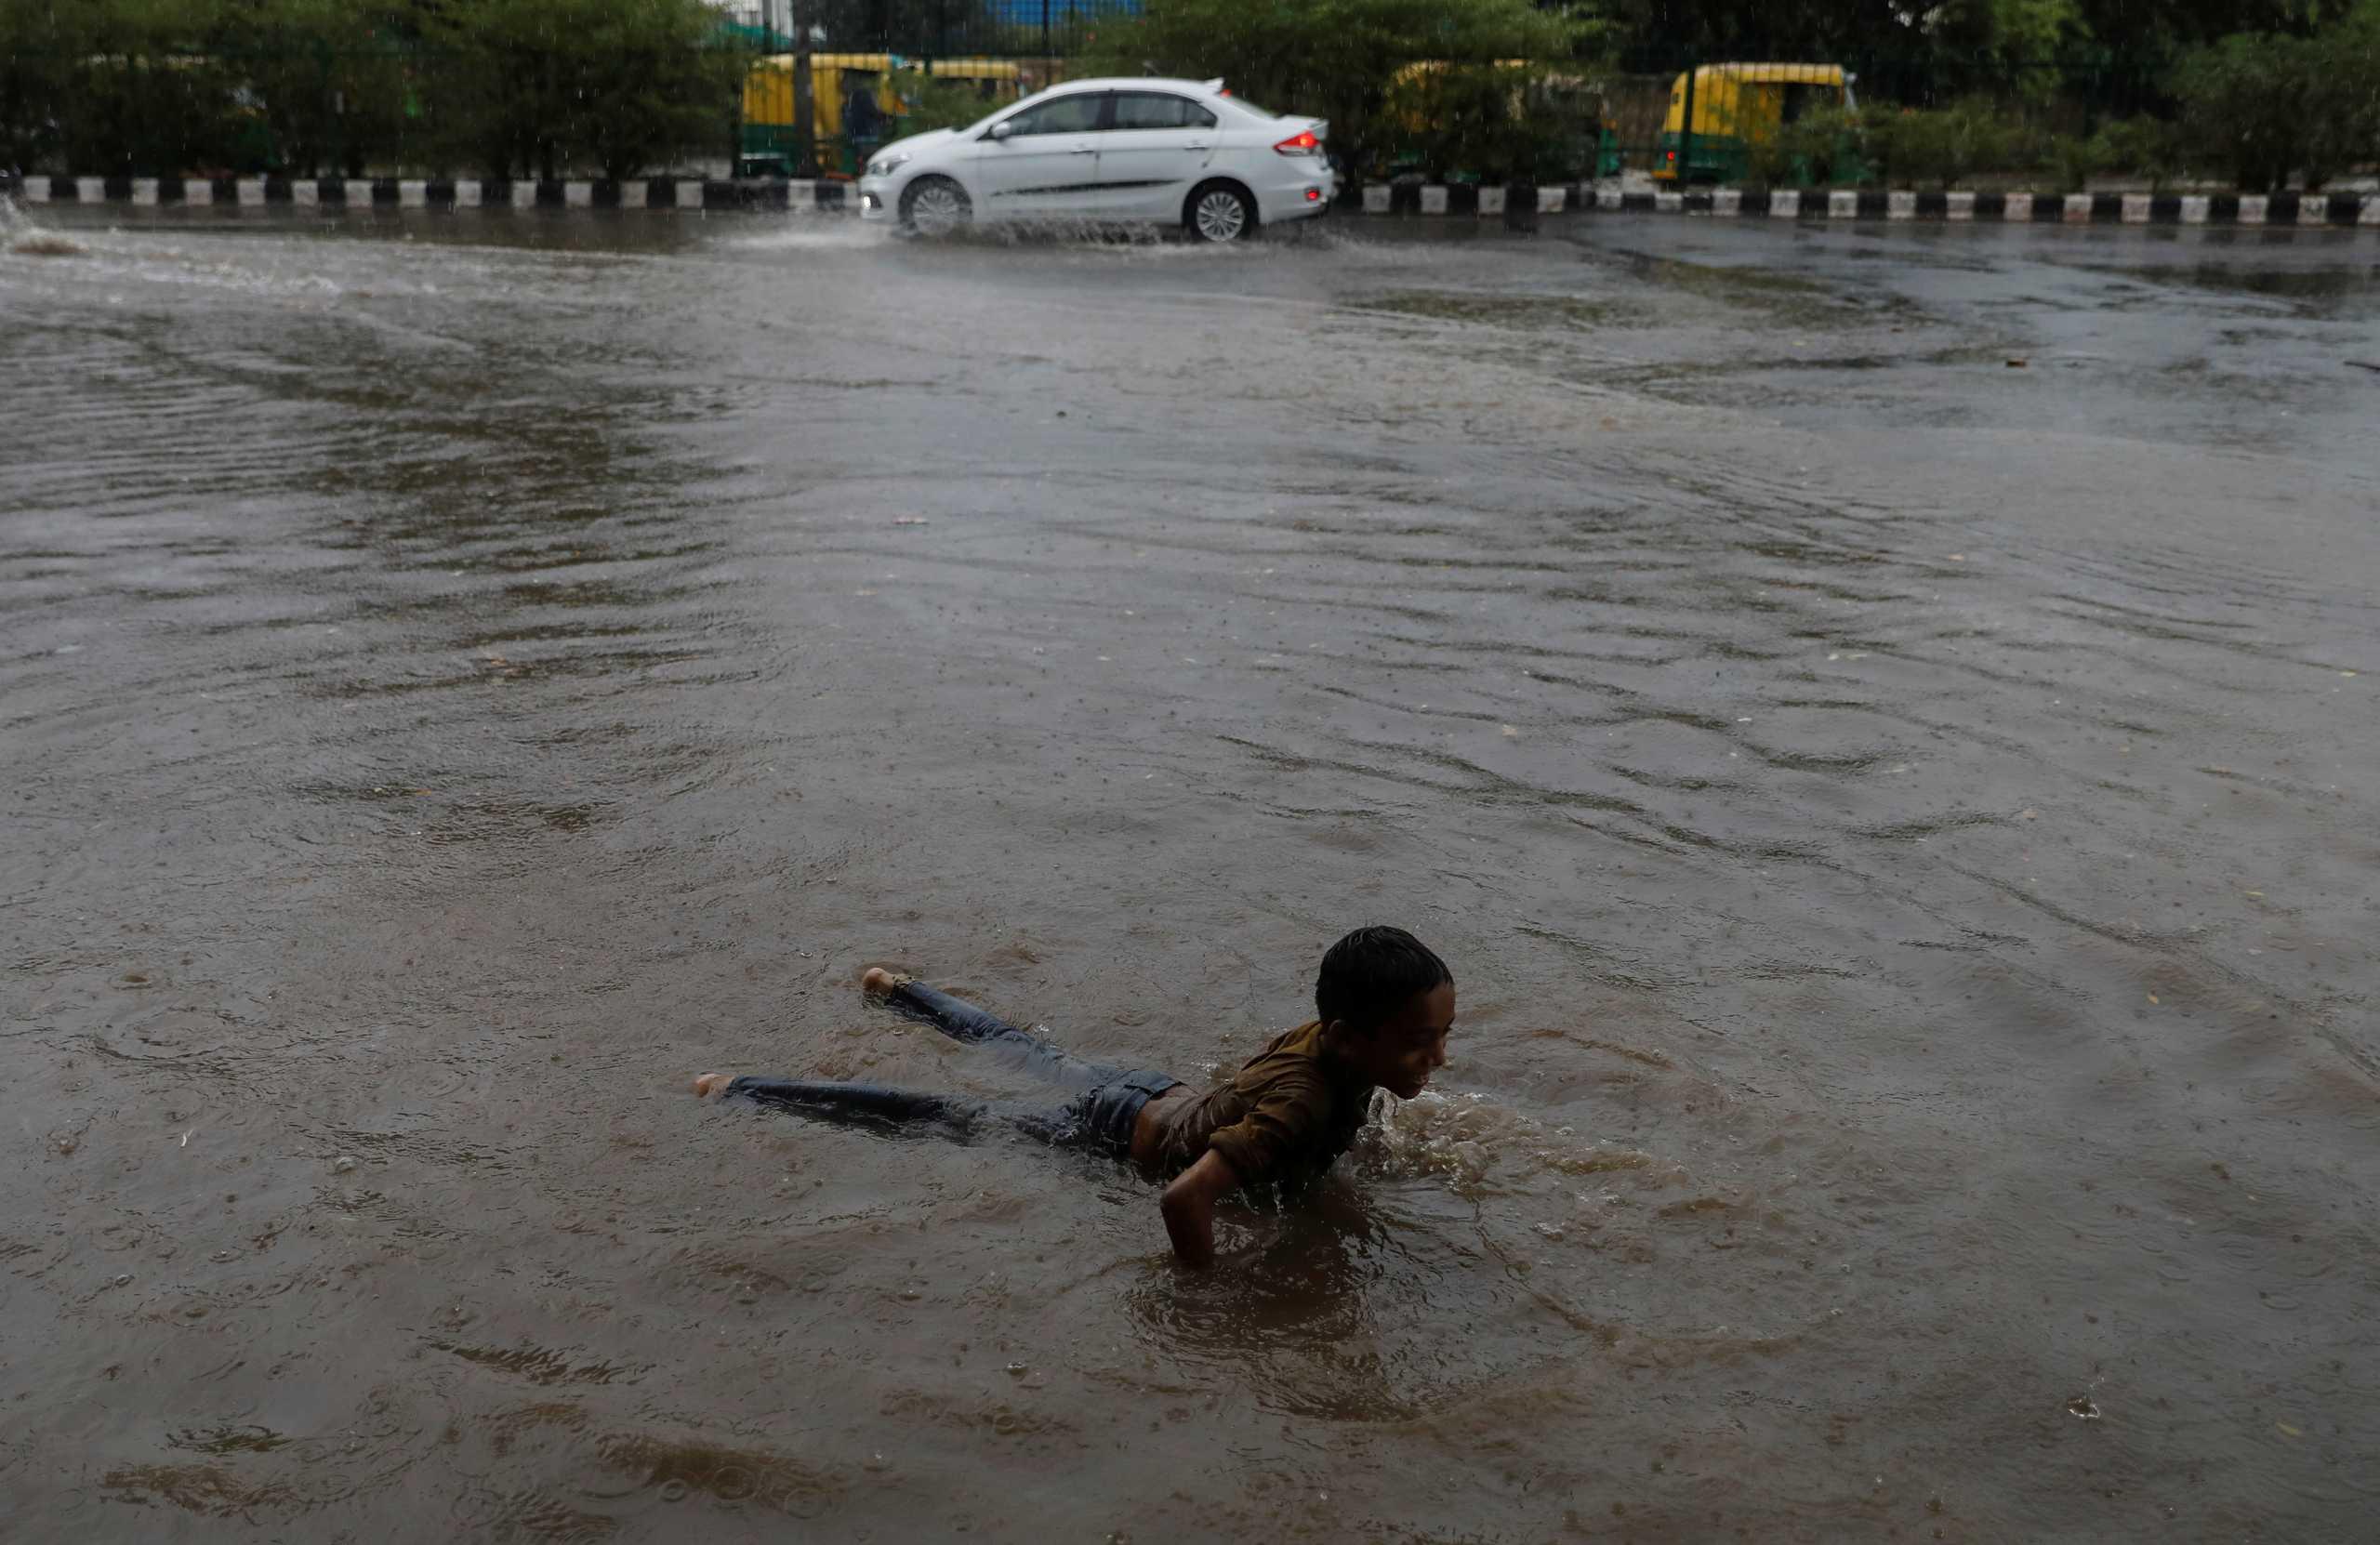 Ινδία: Επιπλέον 11 νεκροί από τις καταρρακτώδεις βροχές